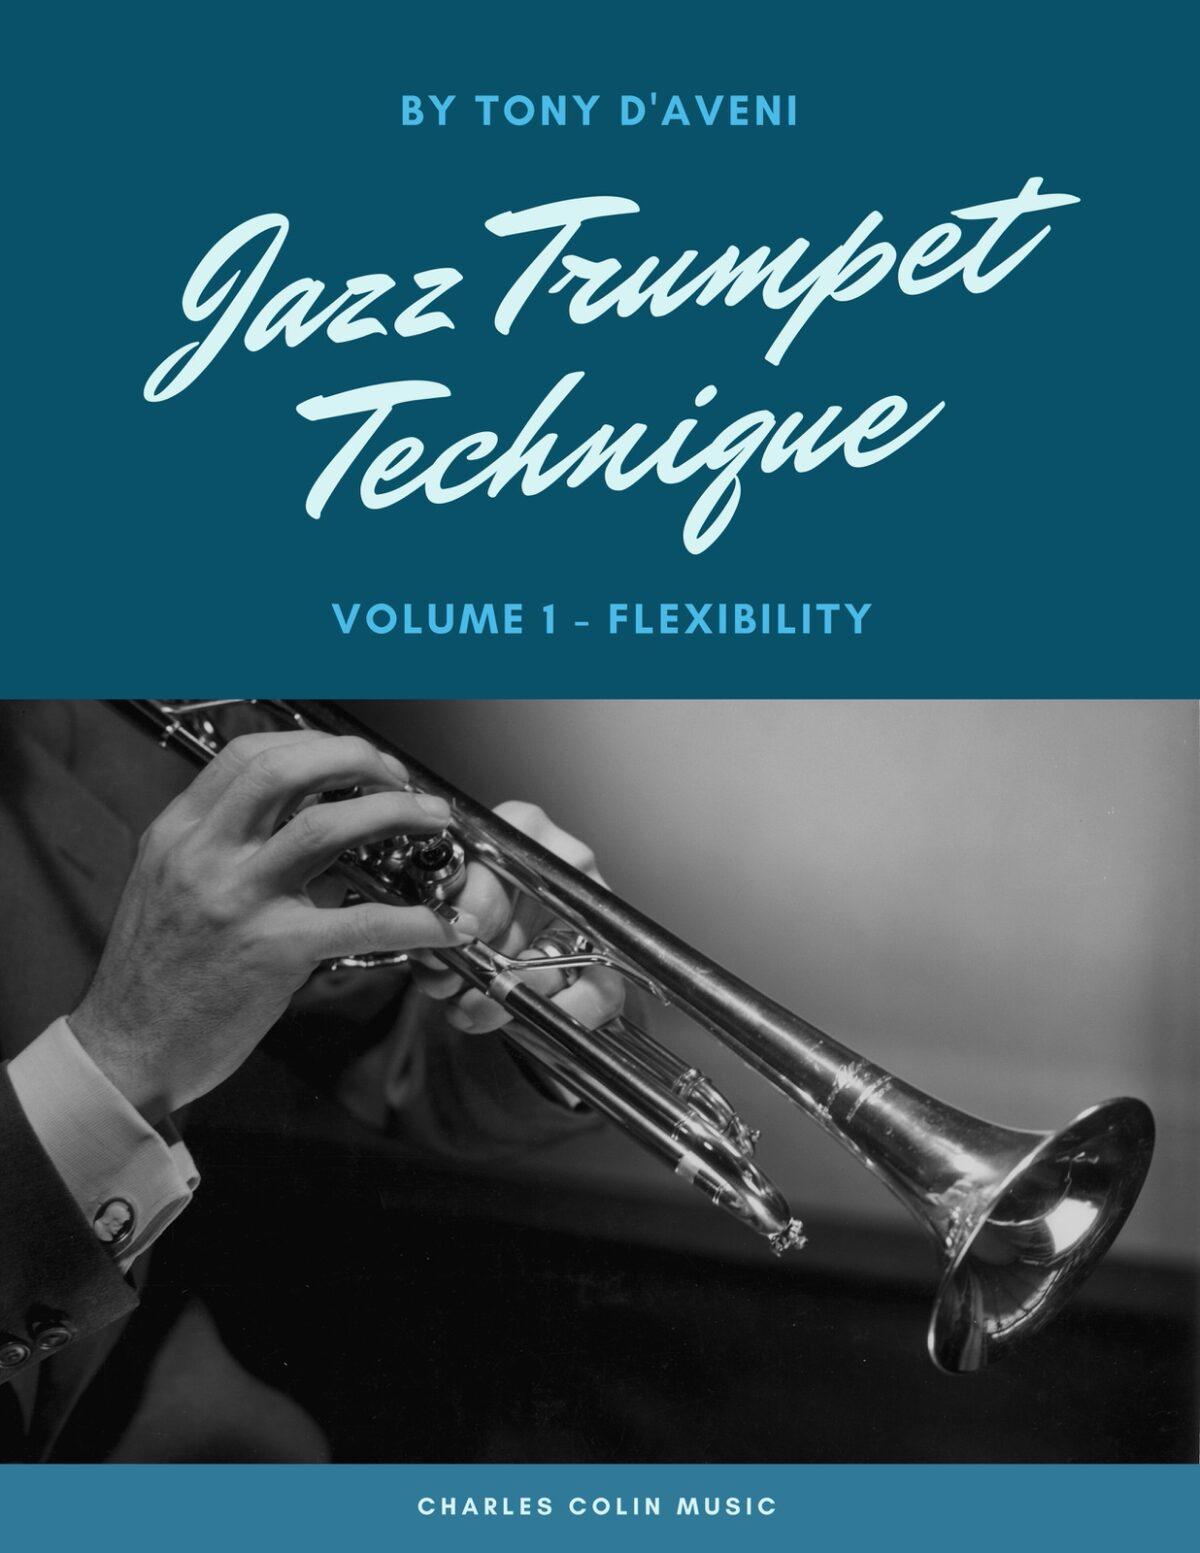 D'Aveni, Jazz Trumpet Technique Vol.1 Flexibility-p01